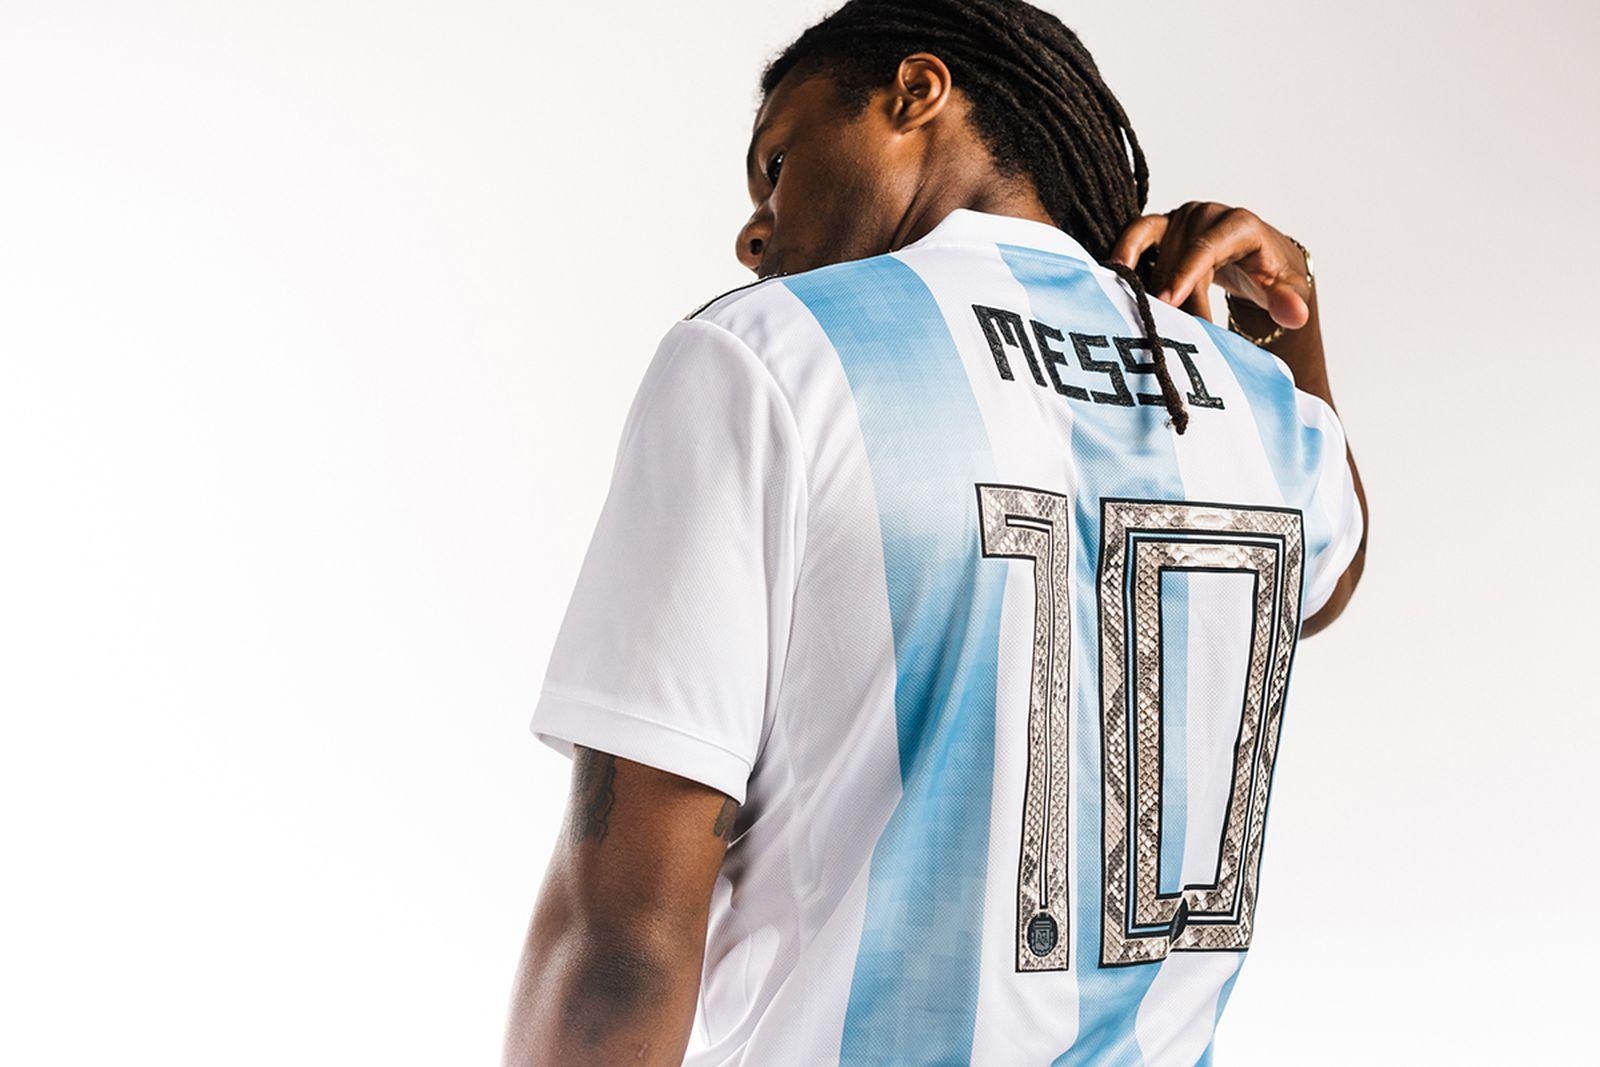 renzo jersey main 2018 FIFA World Cup Renzo Cardoni World Soccer Shop